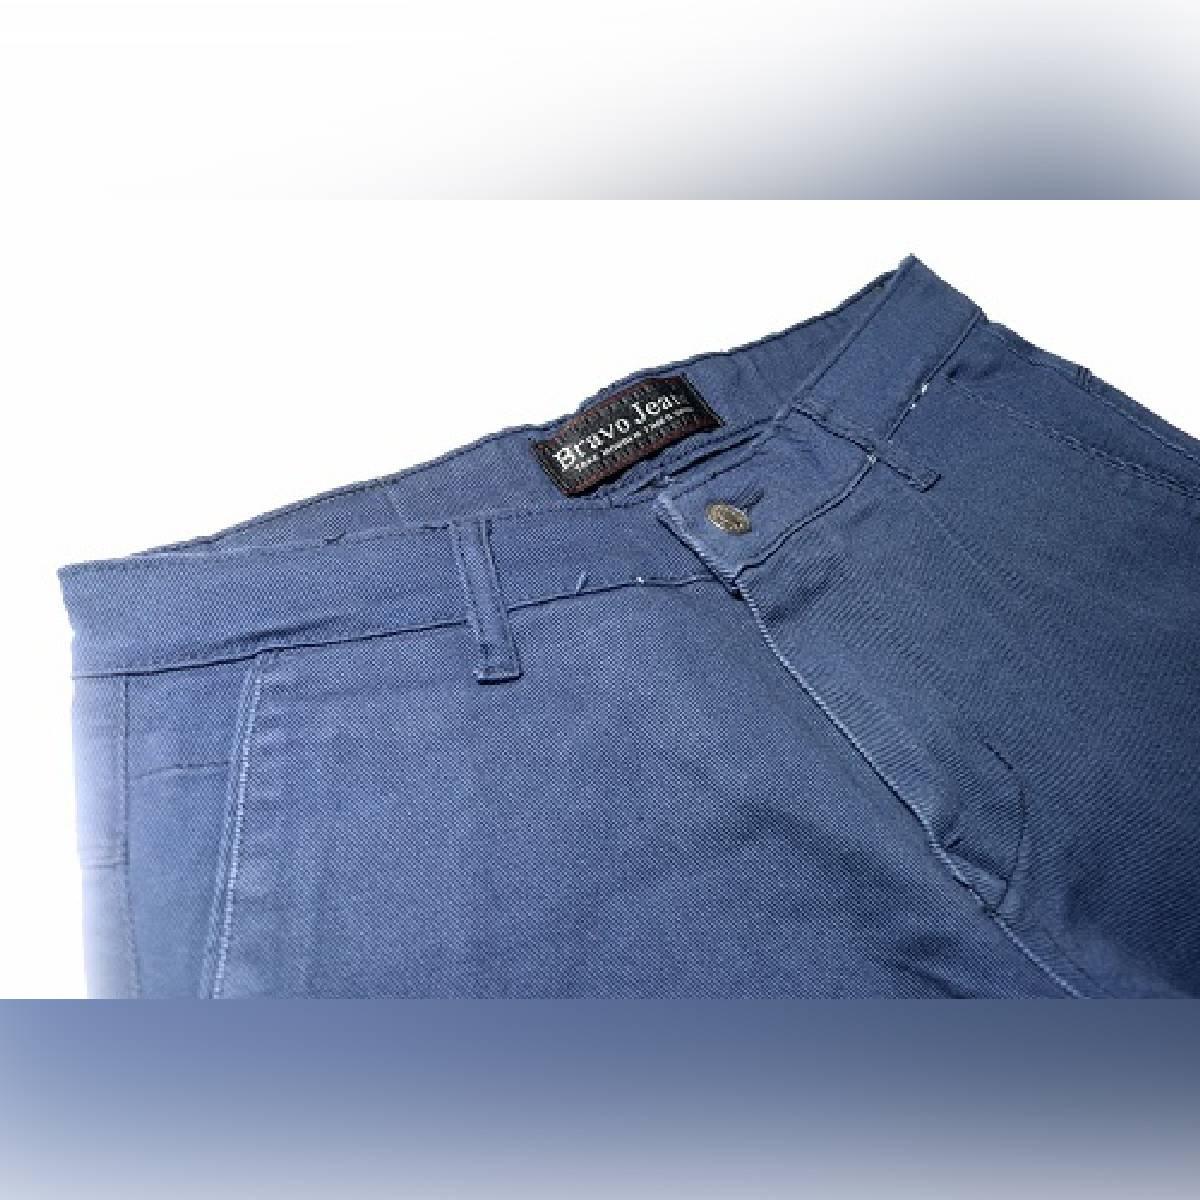 New Blue Cotton Jeans For Men